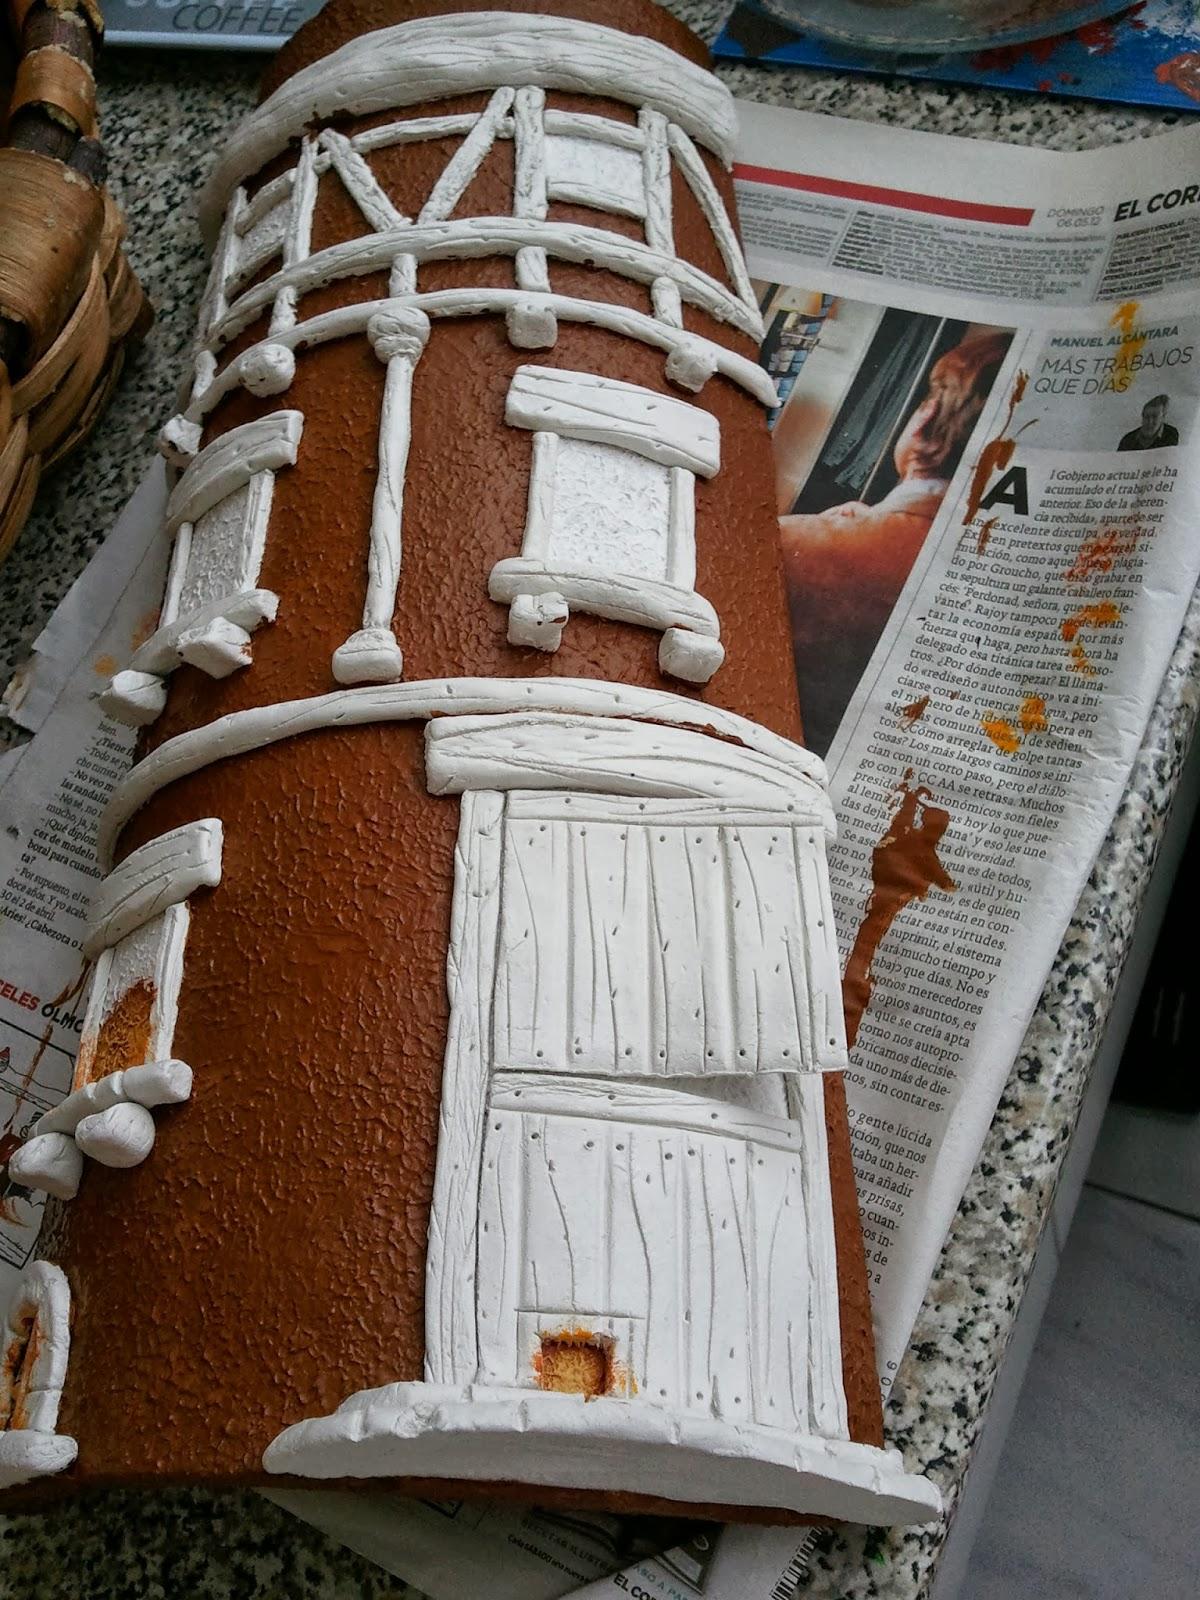 Tinas De Baño Decoradas: de myrarte página de tejas relieve aunque con decoracion propia